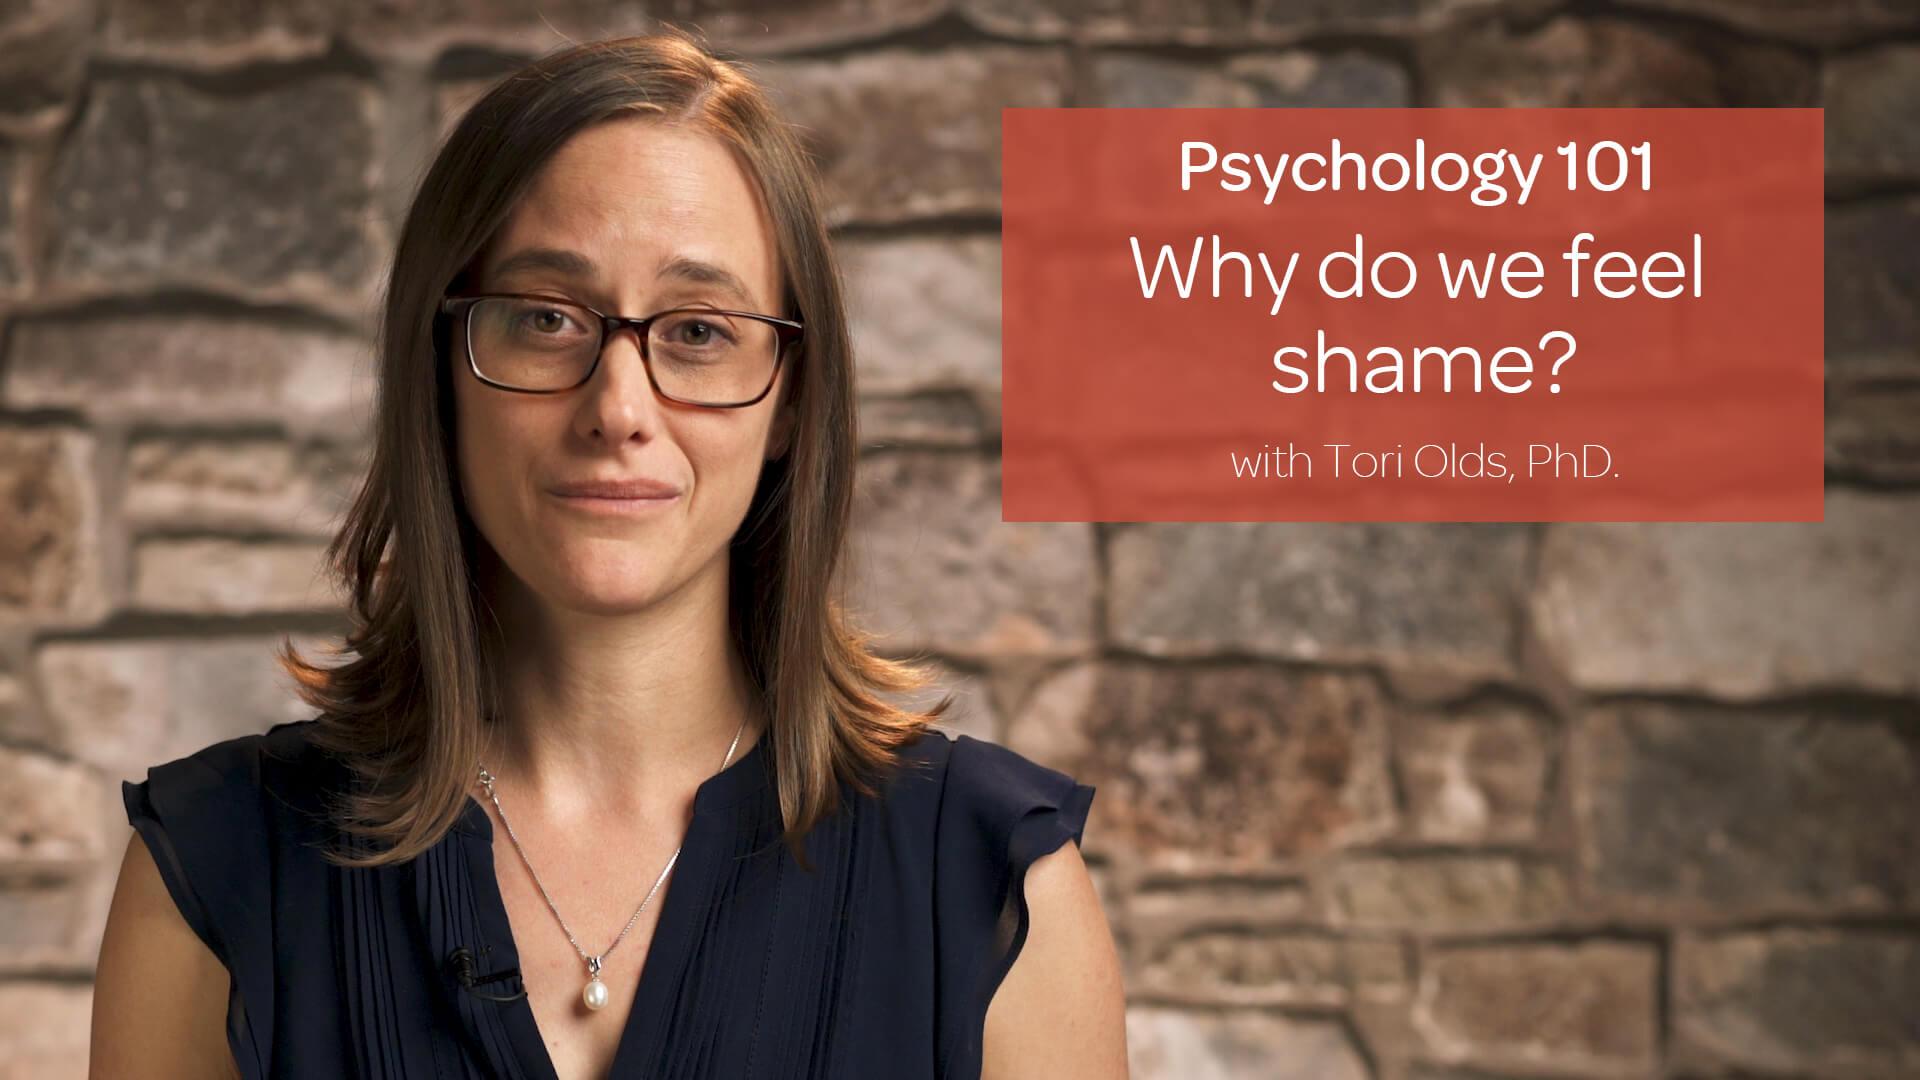 Why Do We Feel Shame?